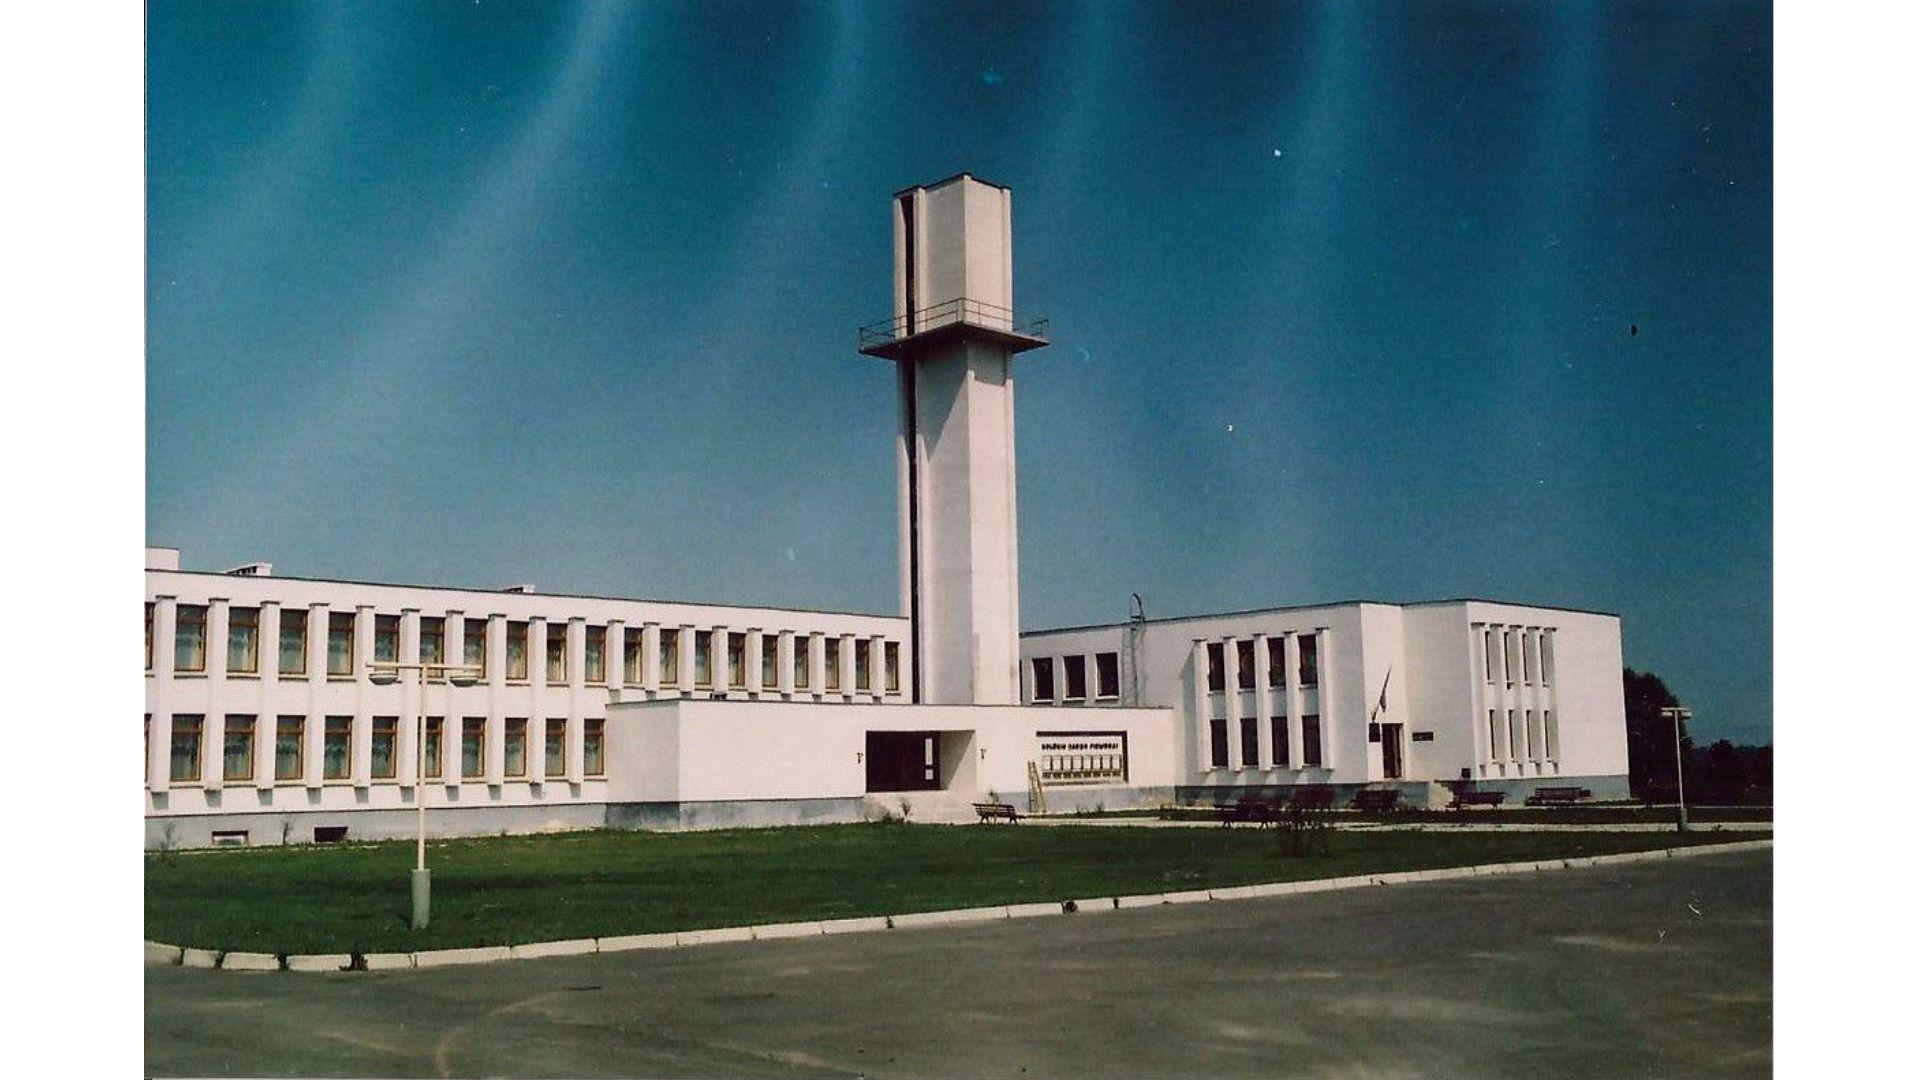 zapyškio kultūros centras sovietmečiu